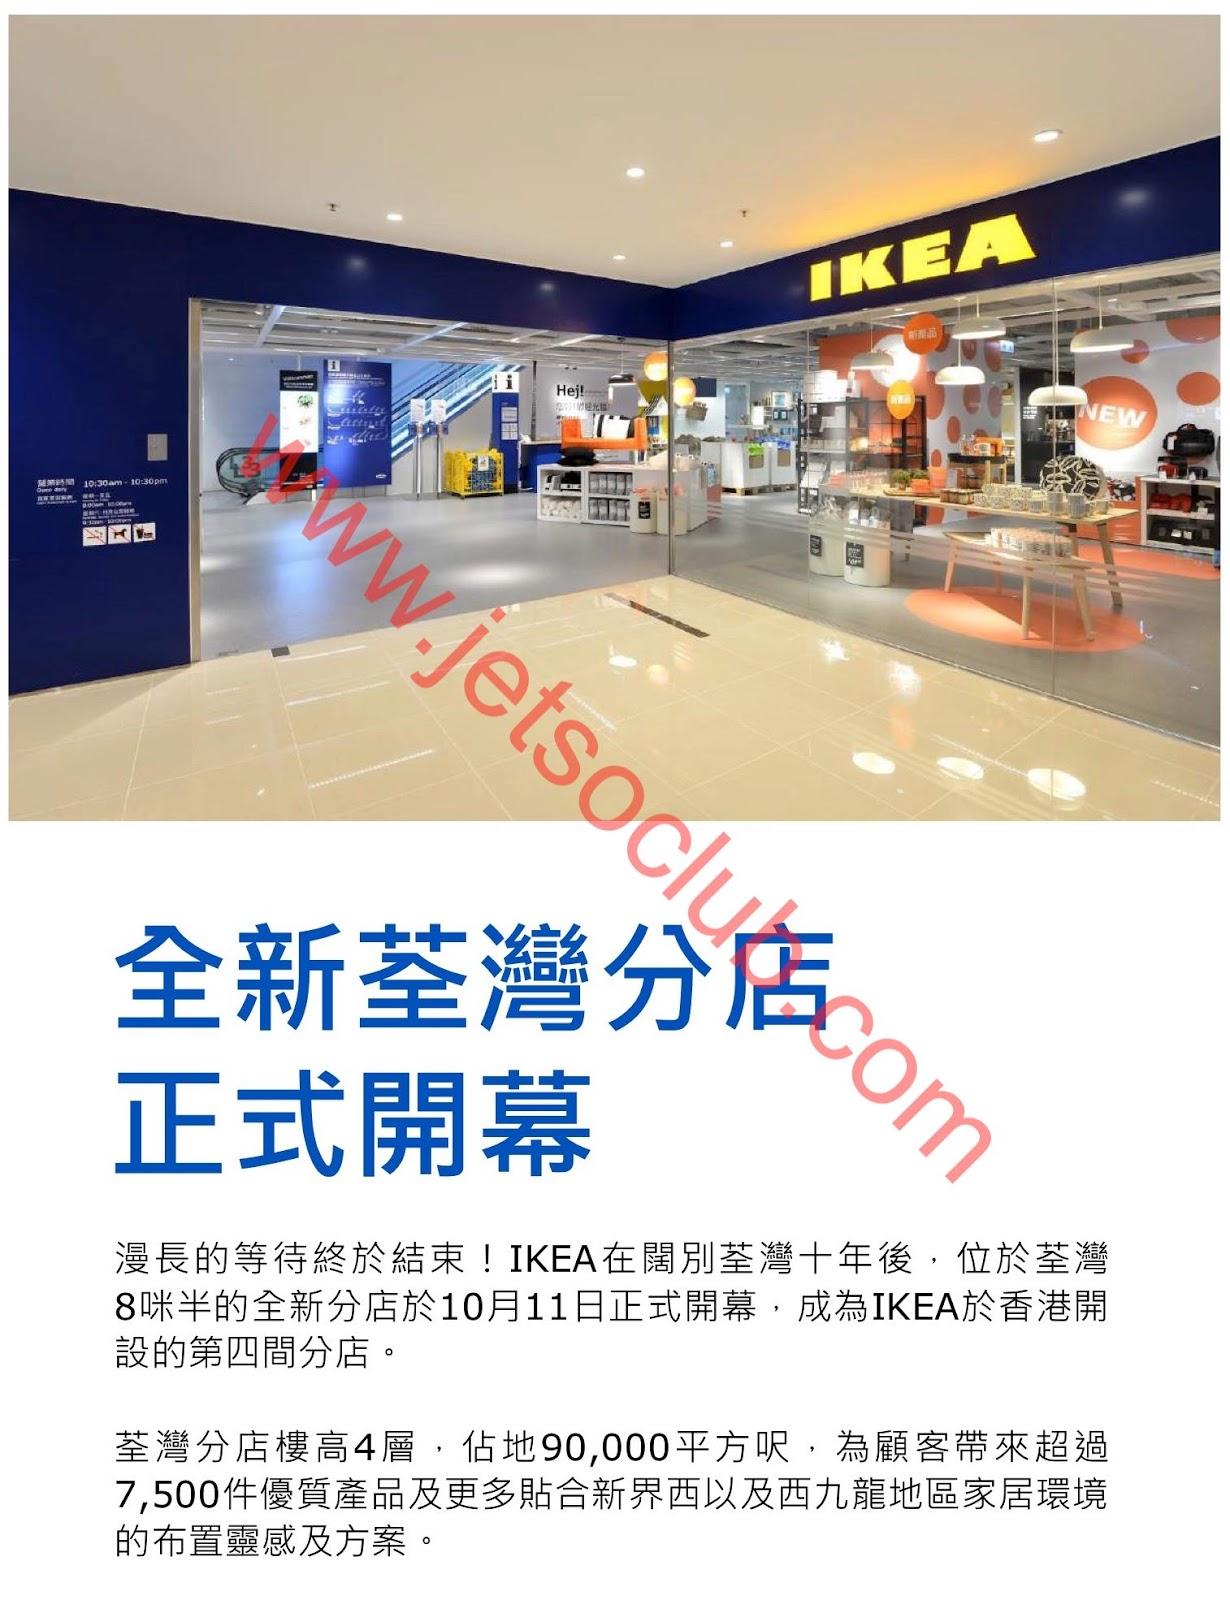 IKEA 宜家:荃灣新店 獨家美食優惠(至7/11)/ 多個新品 率先獨賣 ( Jetso Club 著數俱樂部 )